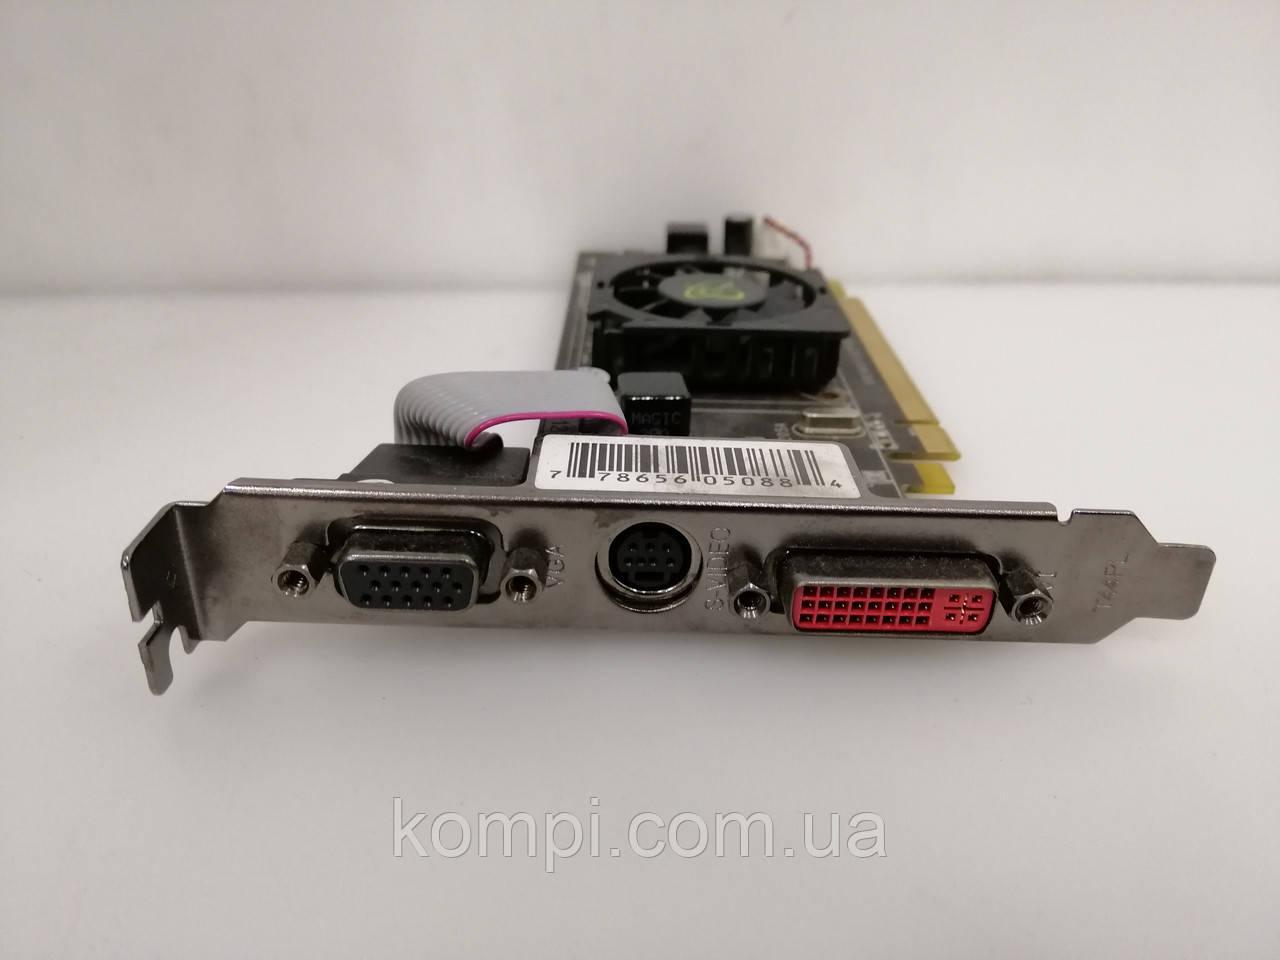 ATI RADEON HD 4550 WINDOWS 8.1 DRIVERS DOWNLOAD